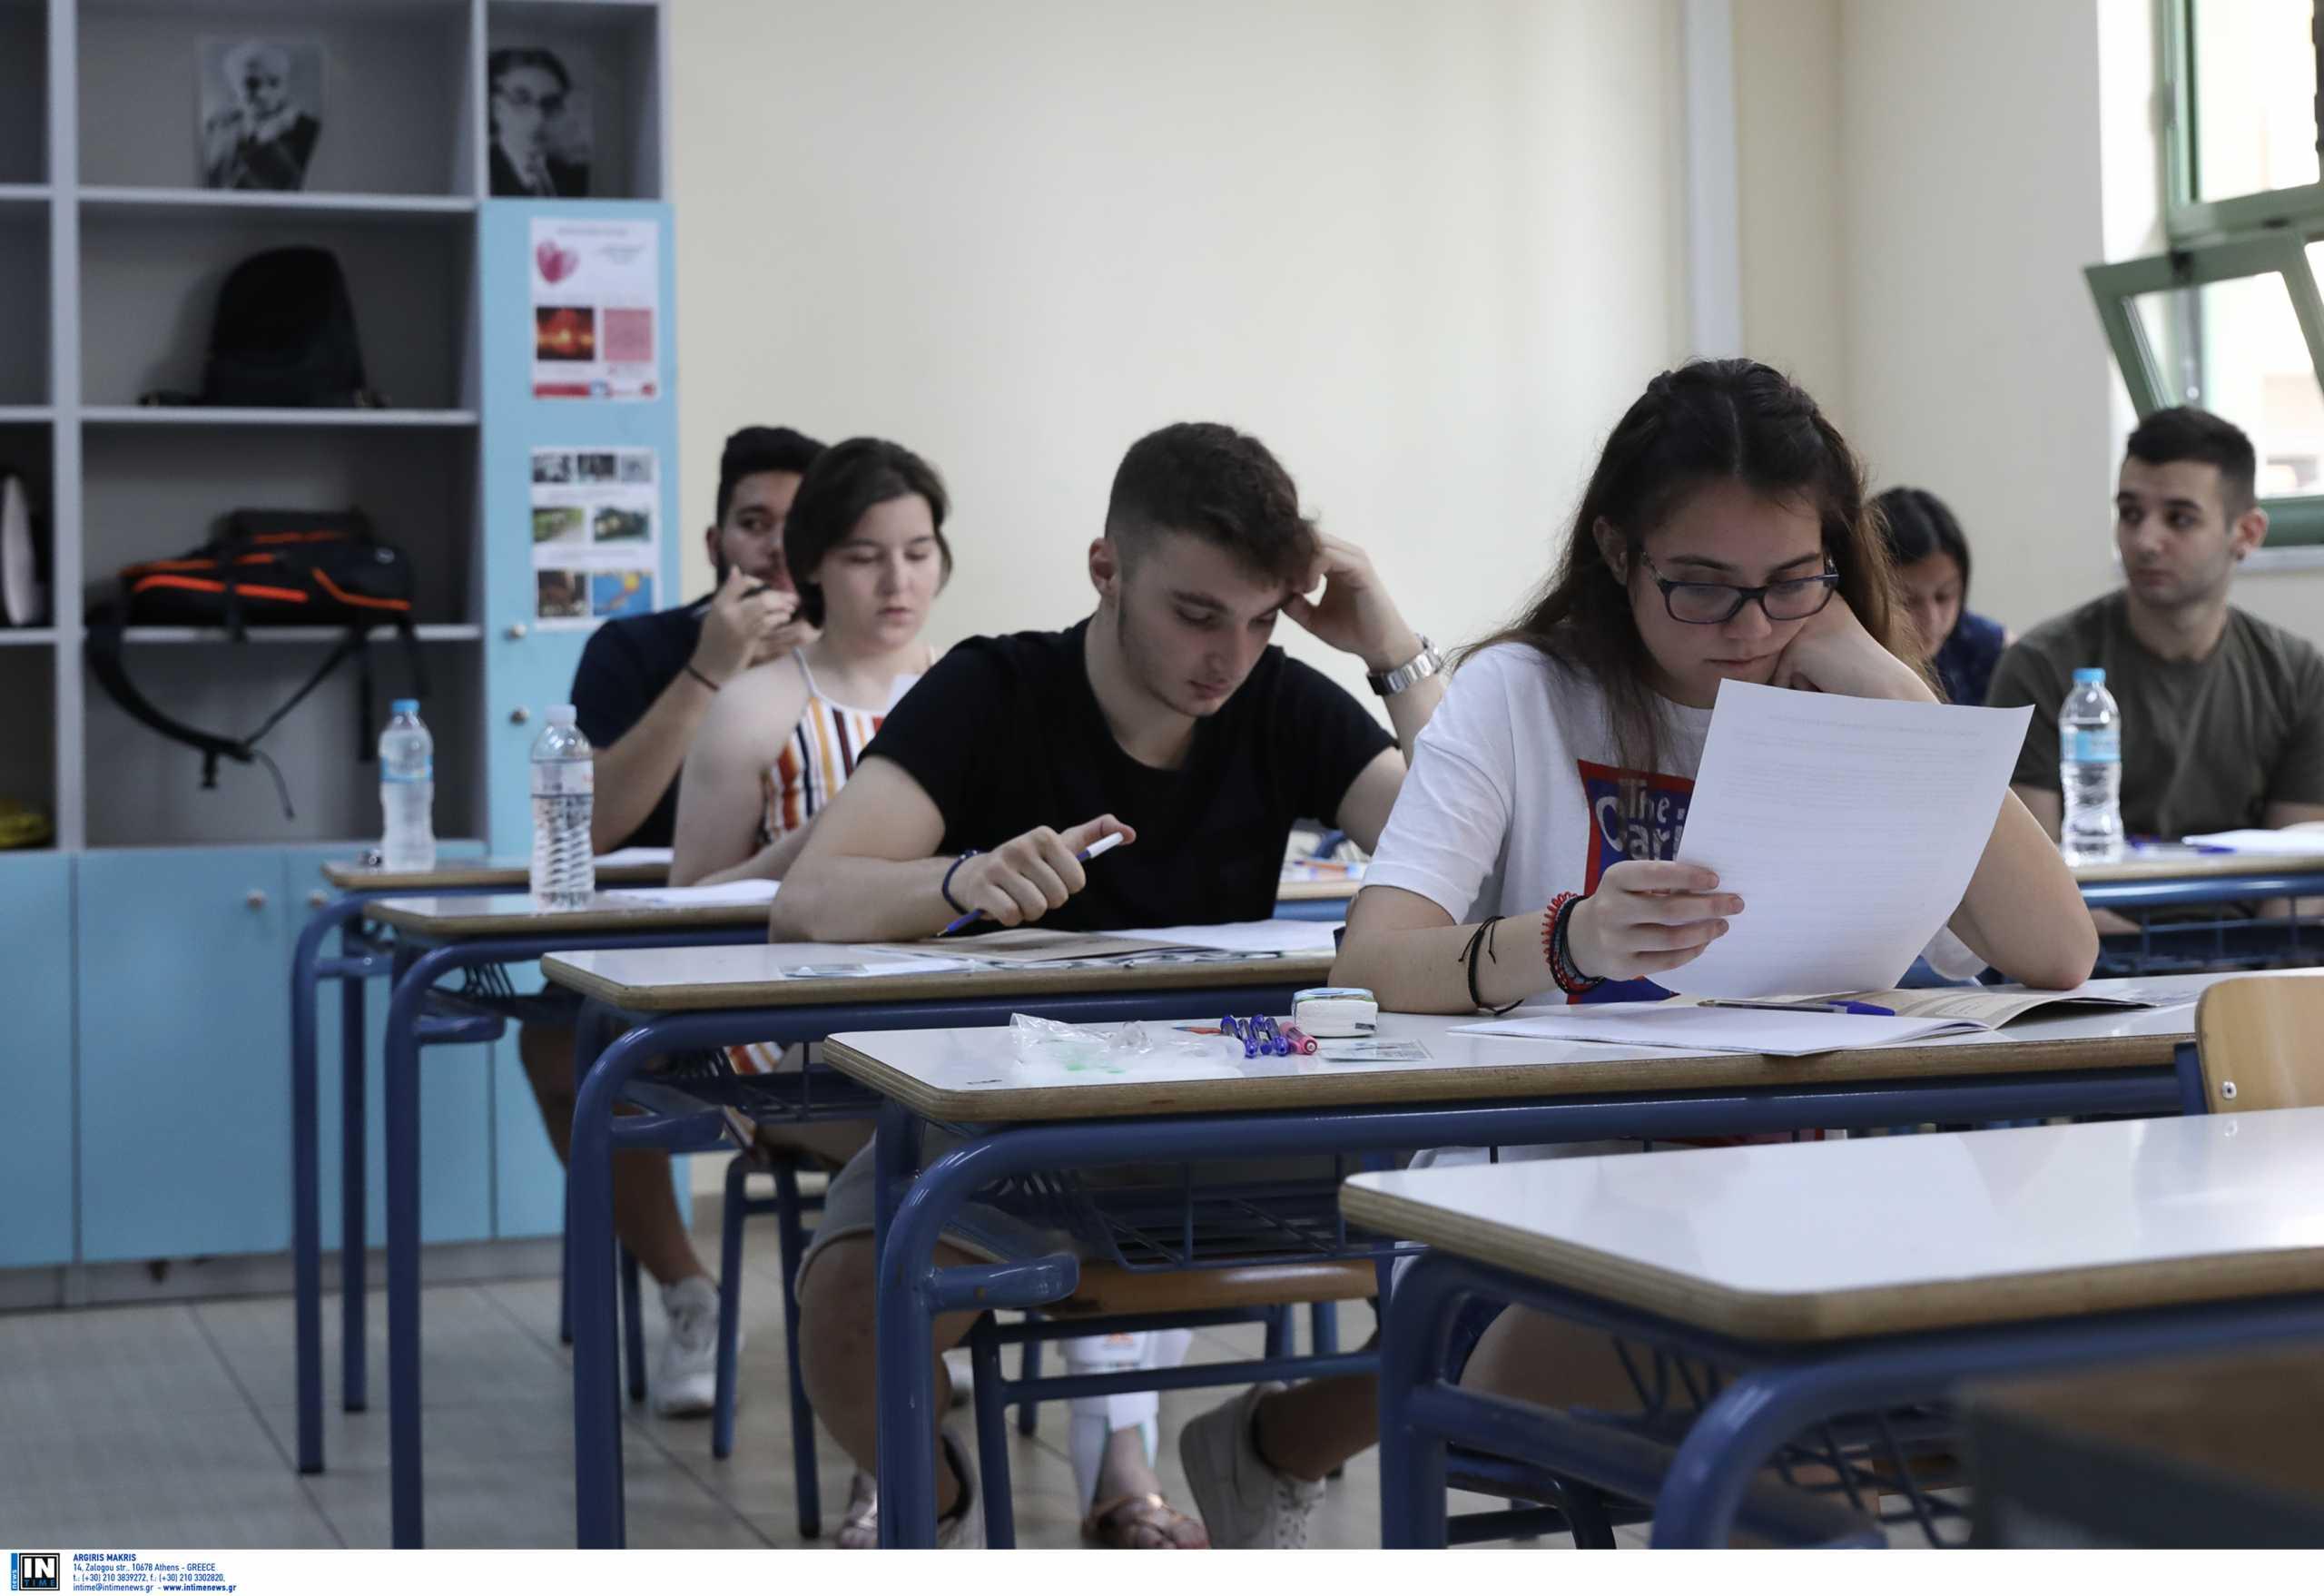 Επιμένει ο ΣΥΡΙΖΑ στην αναστολή των αλλαγών στις εξετάσεις για τα ΑΕΙ